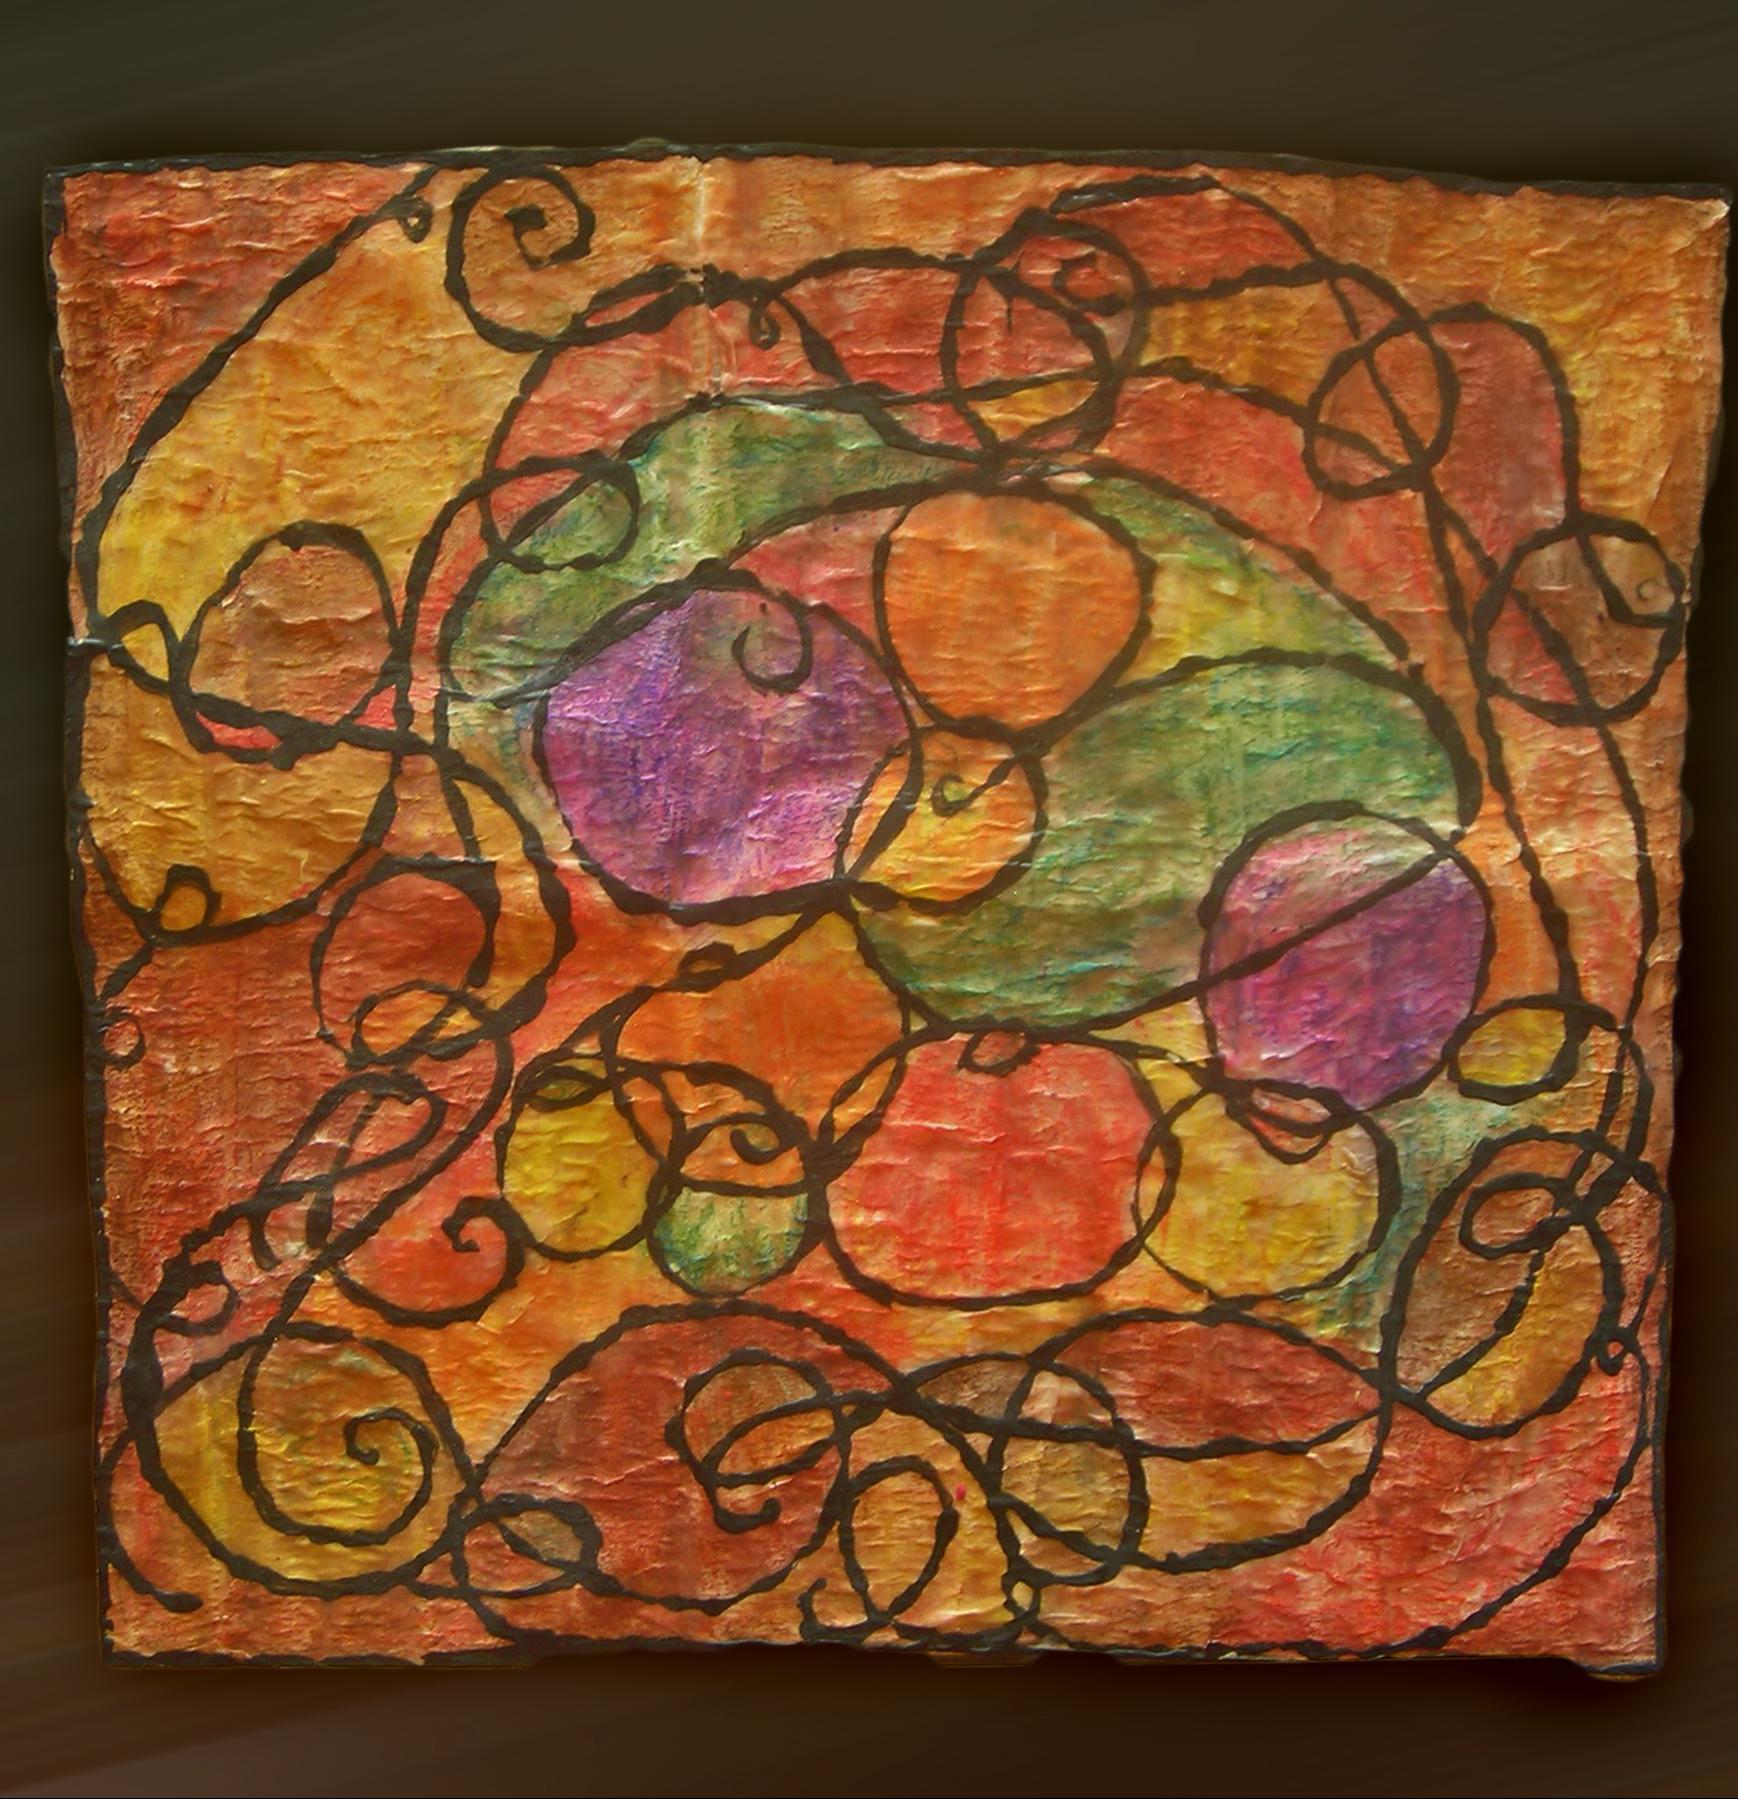 Cesto di frutta haikmi opera celeste network for Cesto di frutta disegno